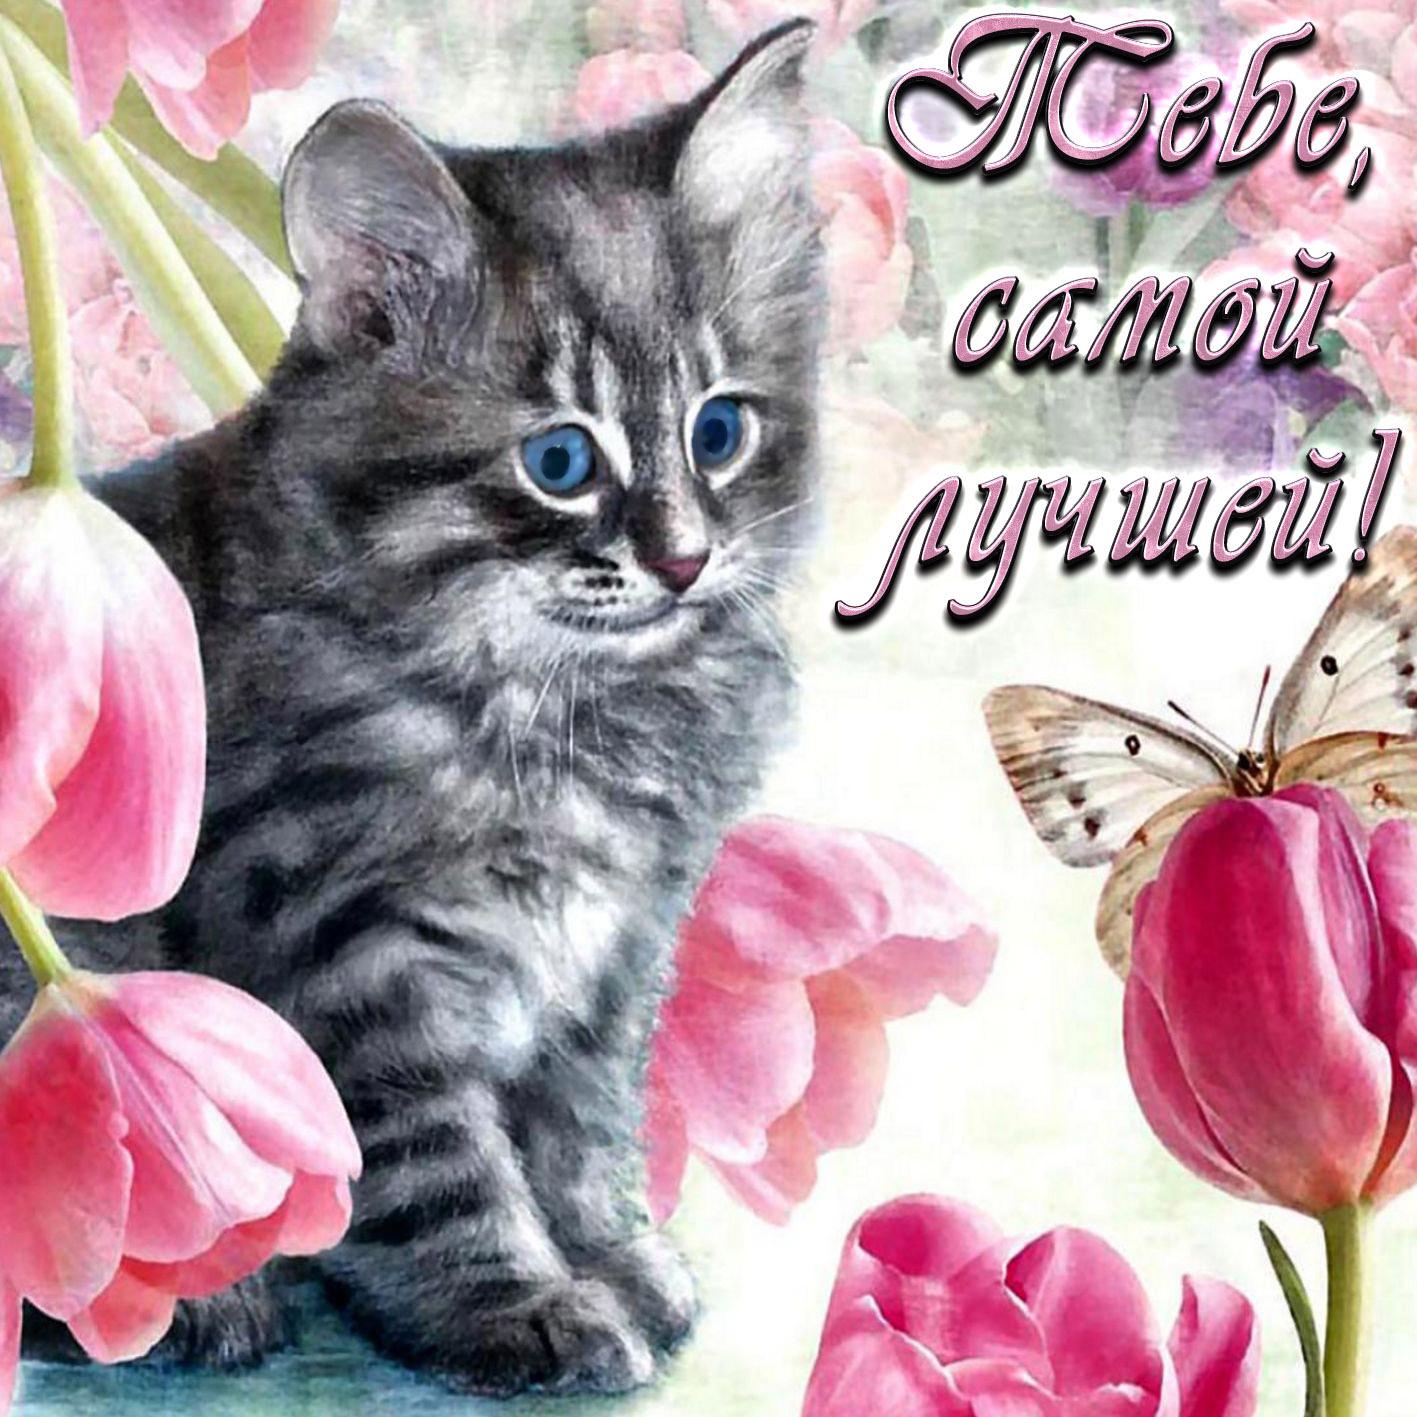 Открытка с котиком на фоне цветов и с пожеланием